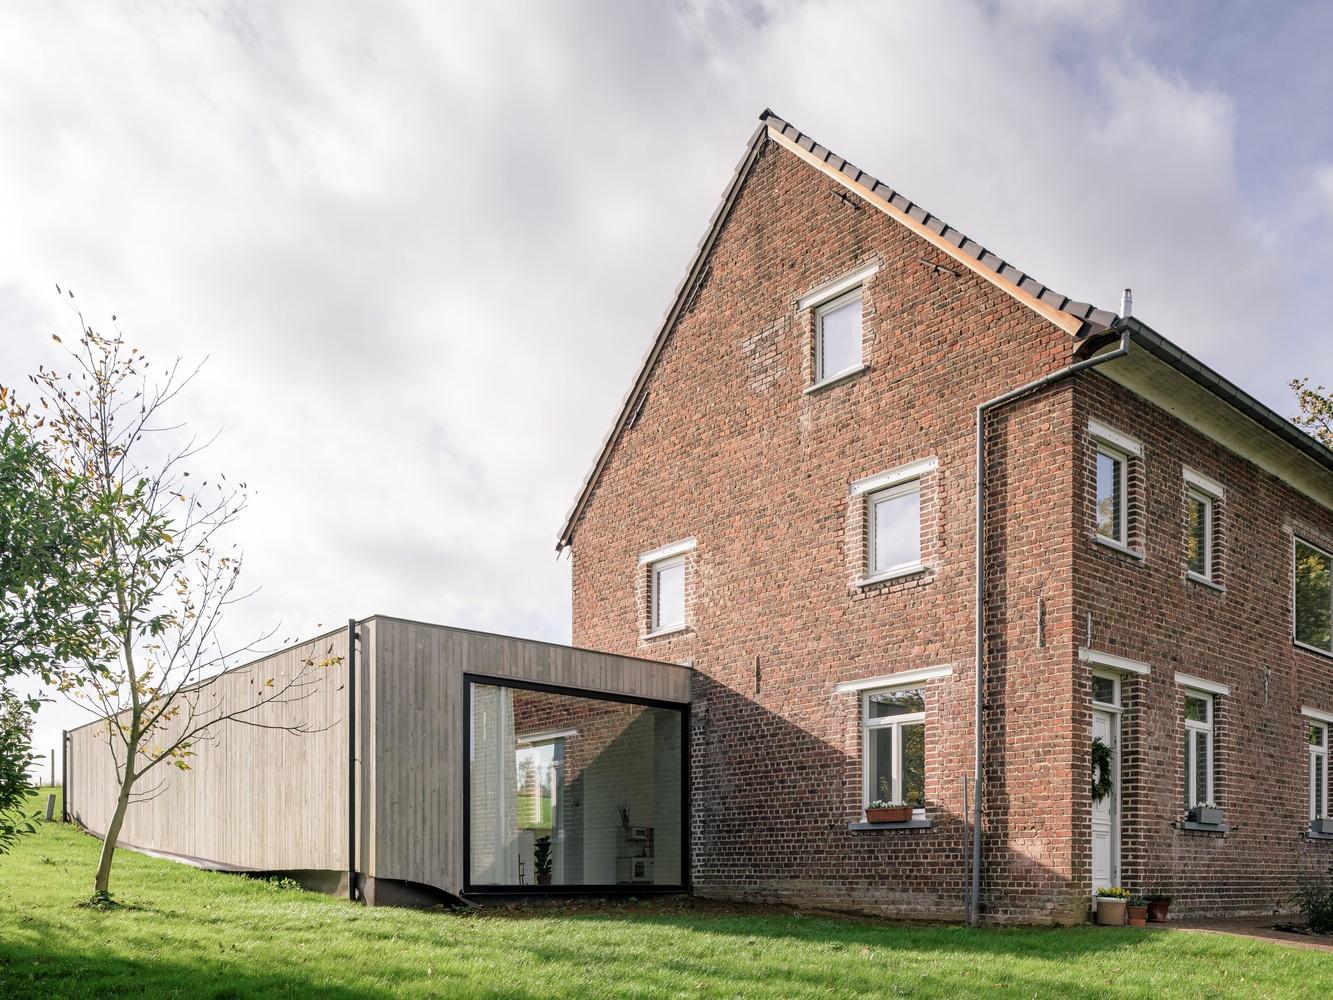 Tendencias en diseño y construcción del 2020: Lo recurrente, popular, relevante y sustancial,Johannes House Extension / MADAM architectuur. Image © Olmo Peeters